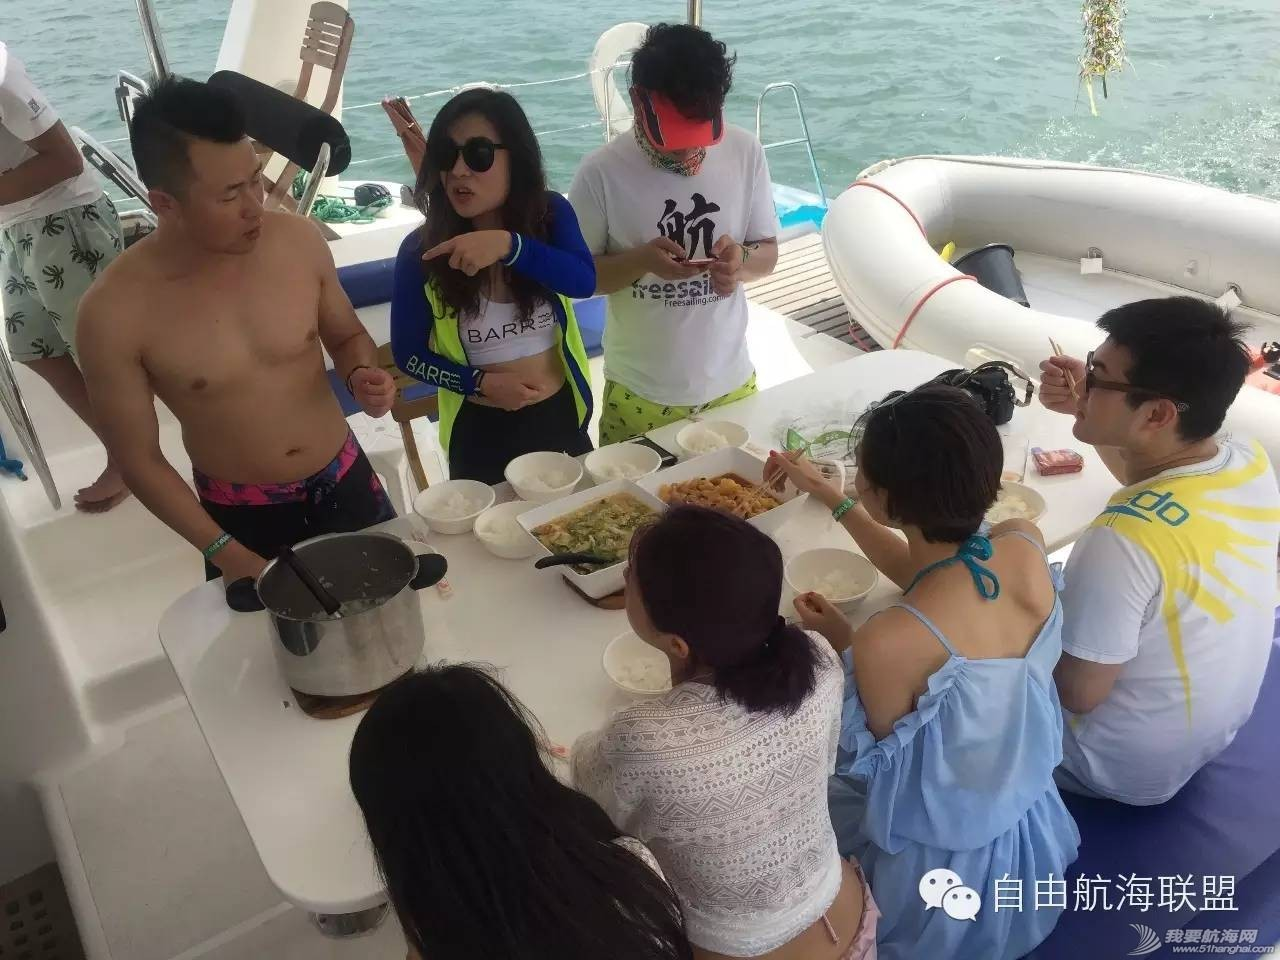 泰国 泰国安达曼海 游艇&美人鱼写真之旅 627c47a7b929f9e418fe2b93d3bd1f2b.jpg